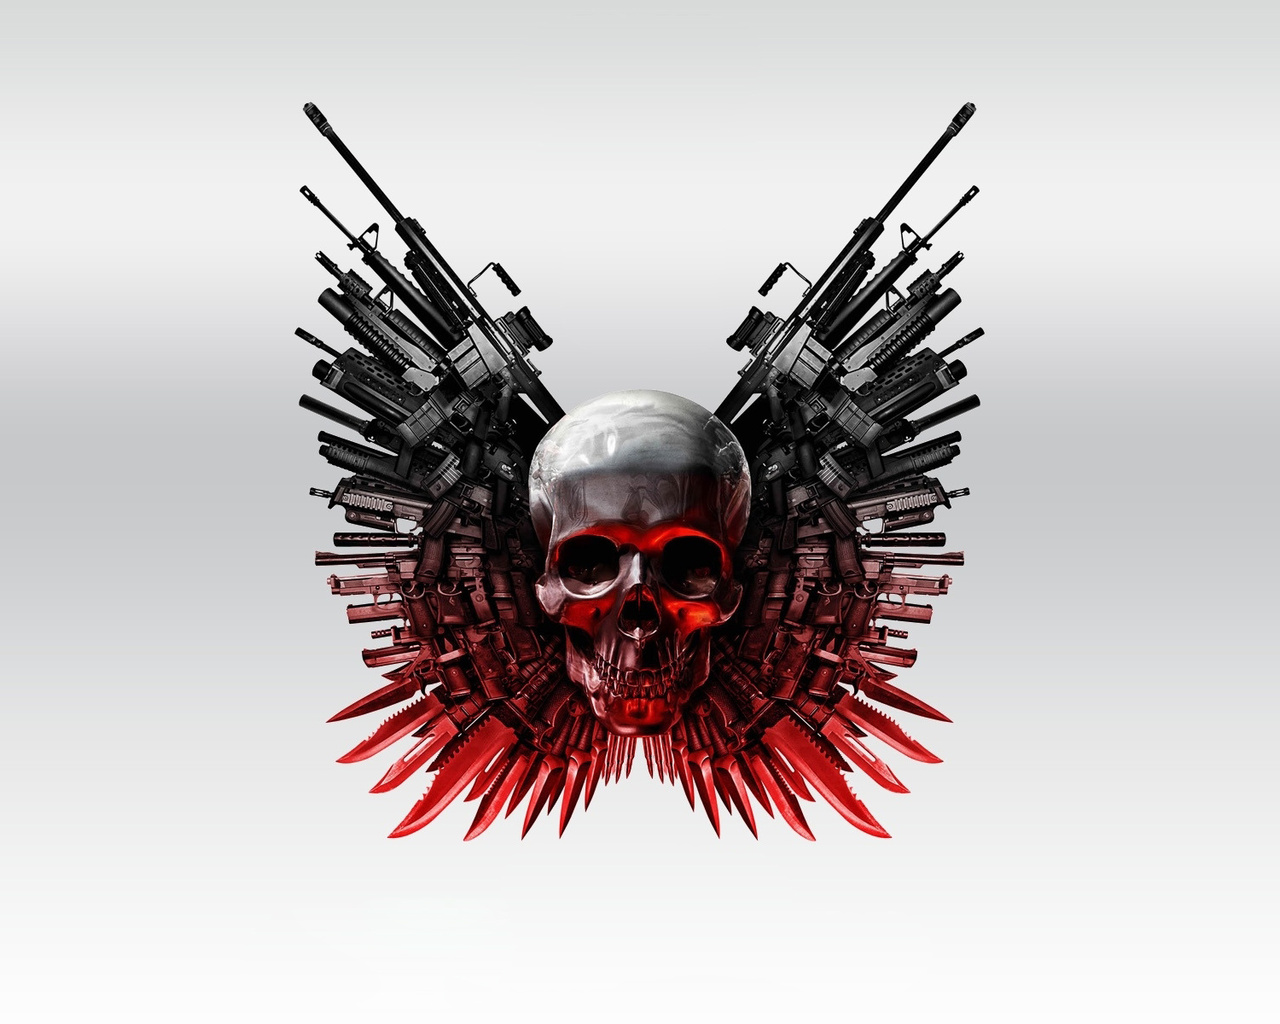 guns-and-skull-wide.jpg